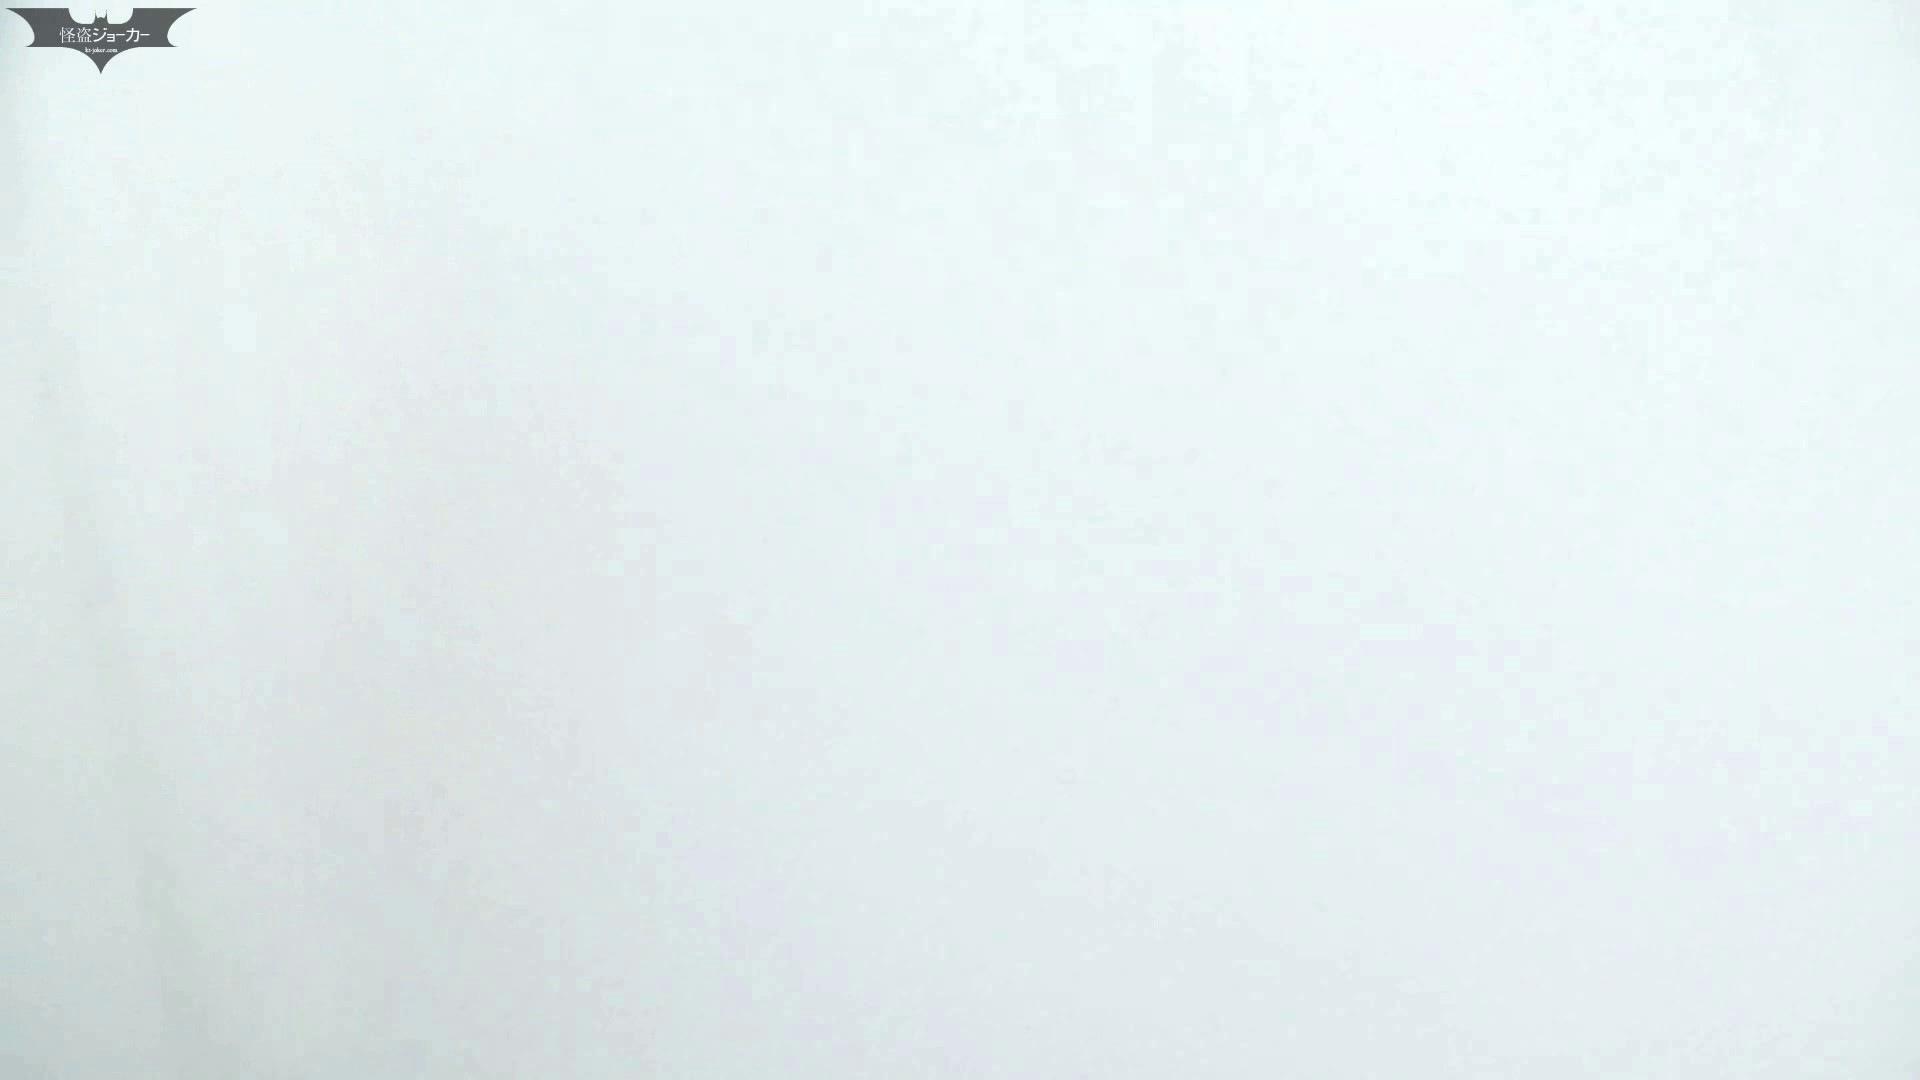 Vol.06 ピチピチが入室きめ細かくマッシュルームのような肌に癒される エッチすぎるOL達 隠し撮りオマンコ動画紹介 46連発 14